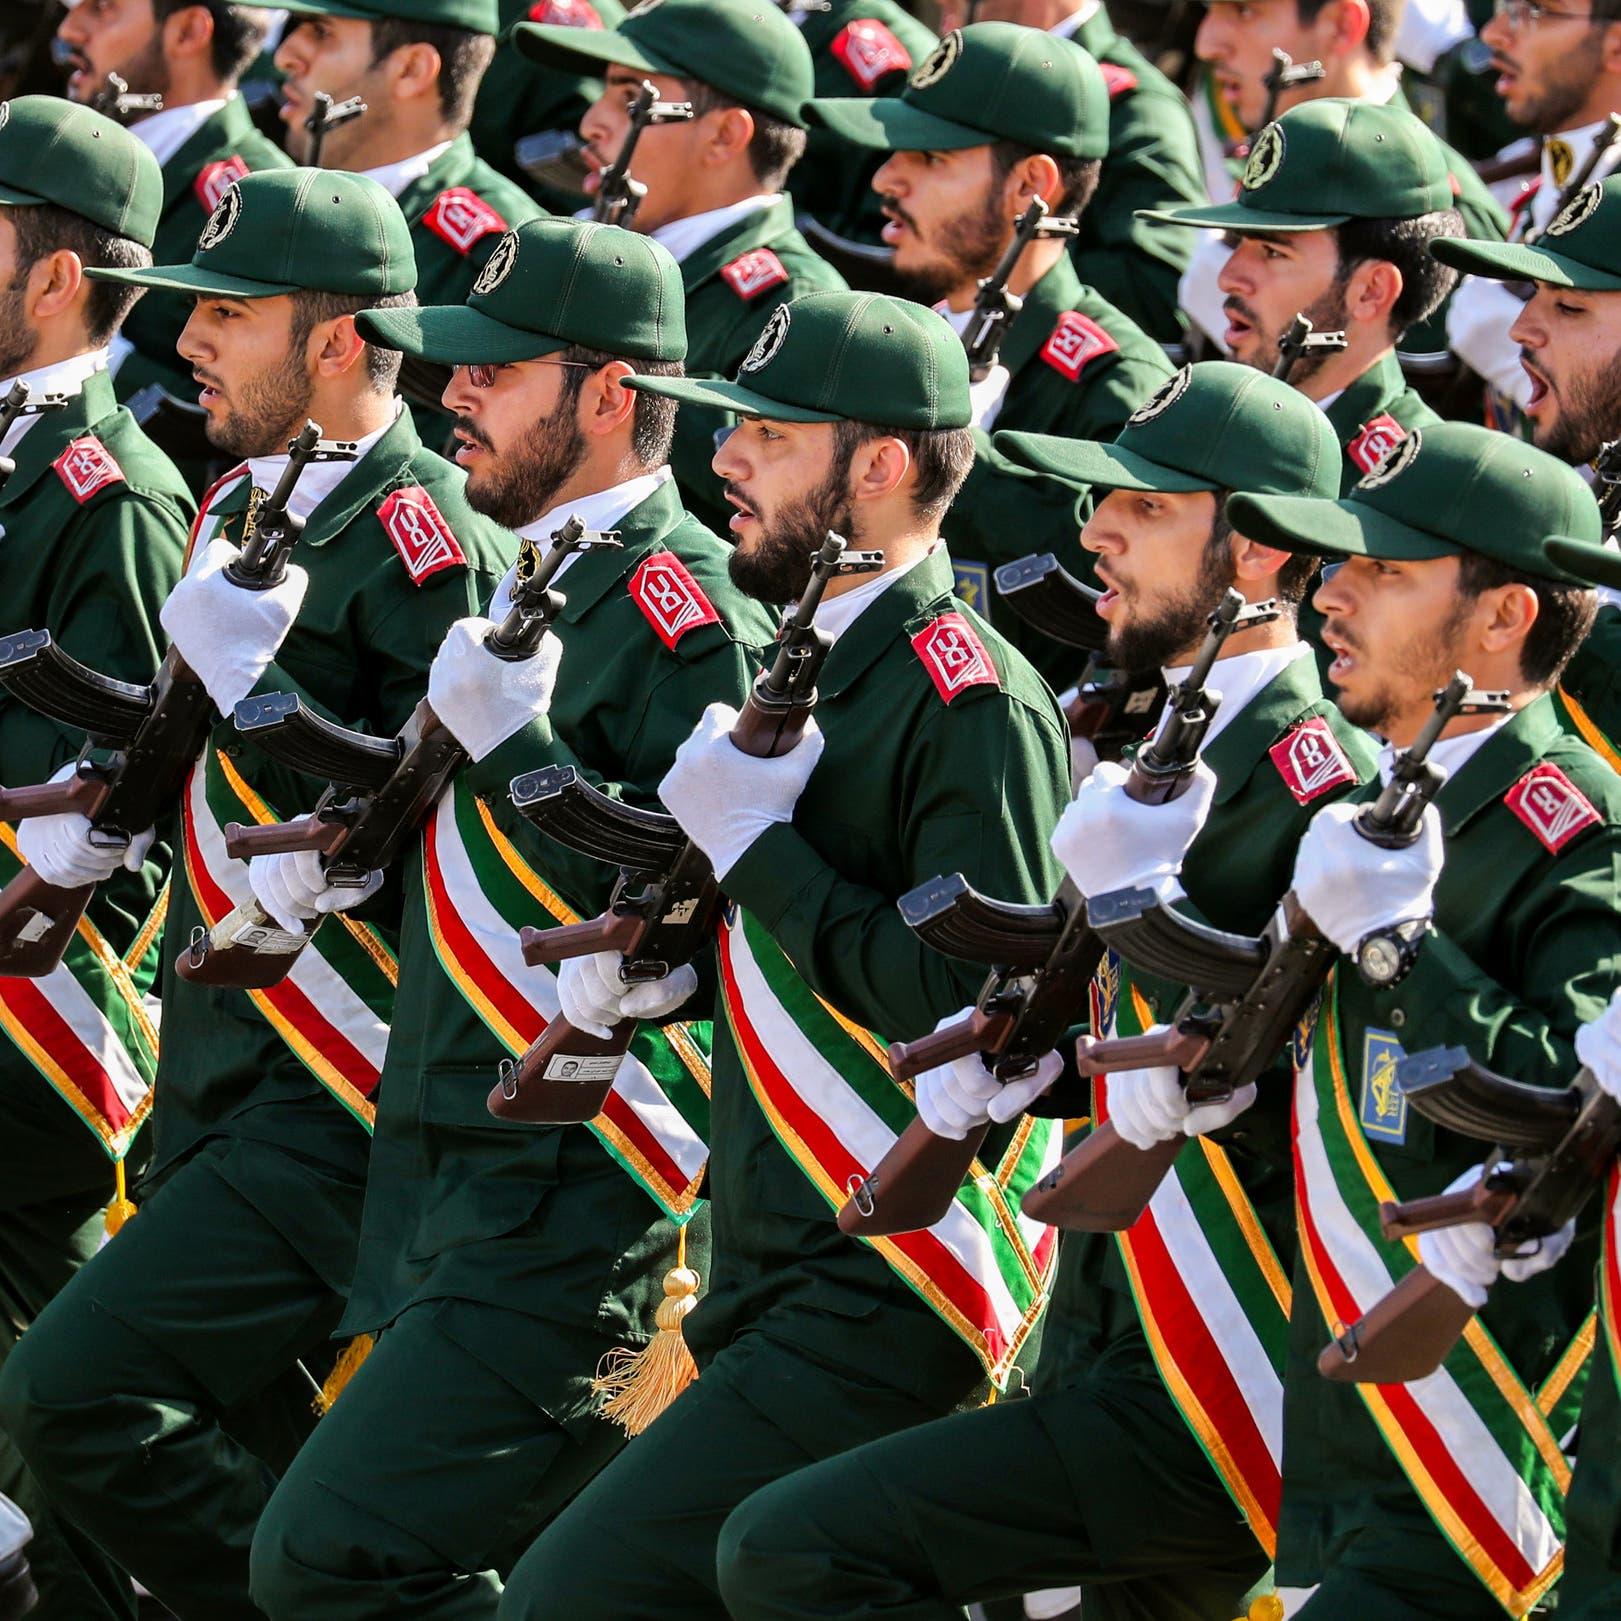 الحرس الثوري.. أول جيش بالعالم يصنف كتنظيم إرهابي